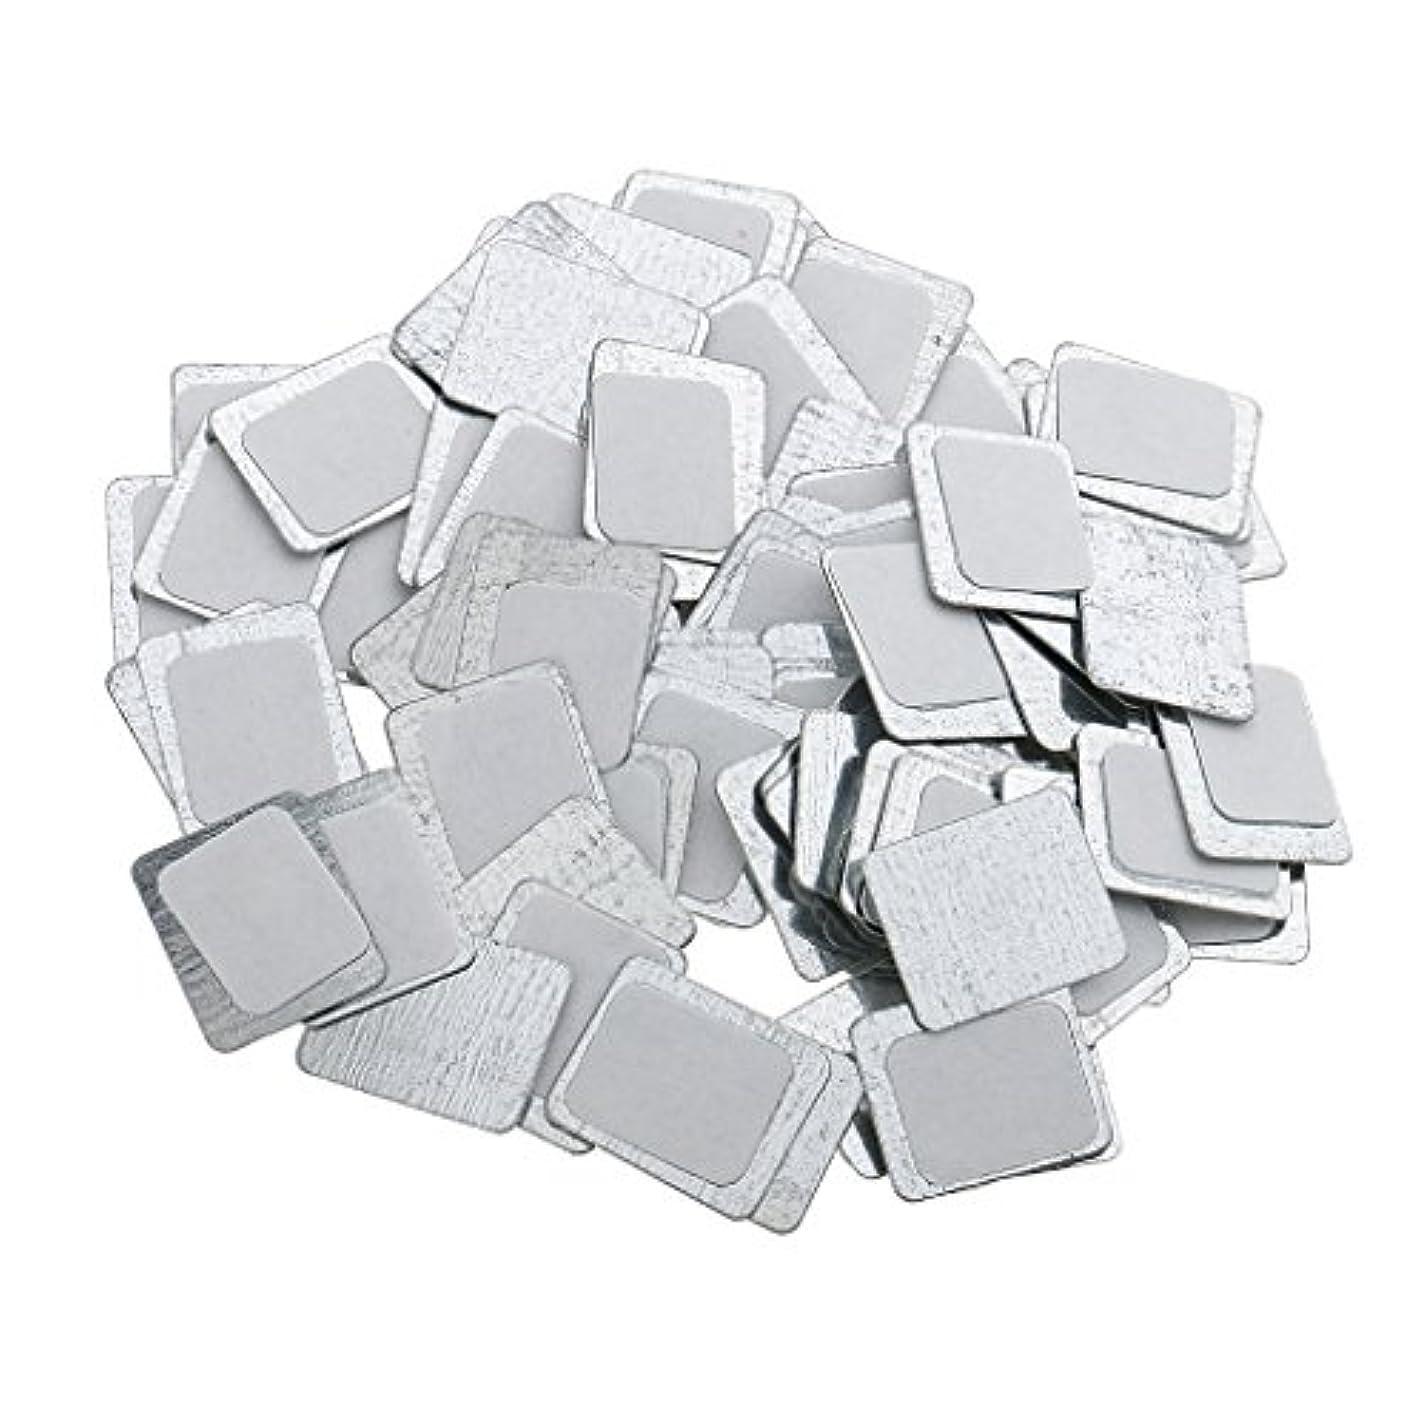 公爵バーベキュー増加する約100個 メイクアップパン 空パン アイシャドー ブラッシュ メイクアップ 磁気パレットボックスケース 2タイプ選べ - スクエア